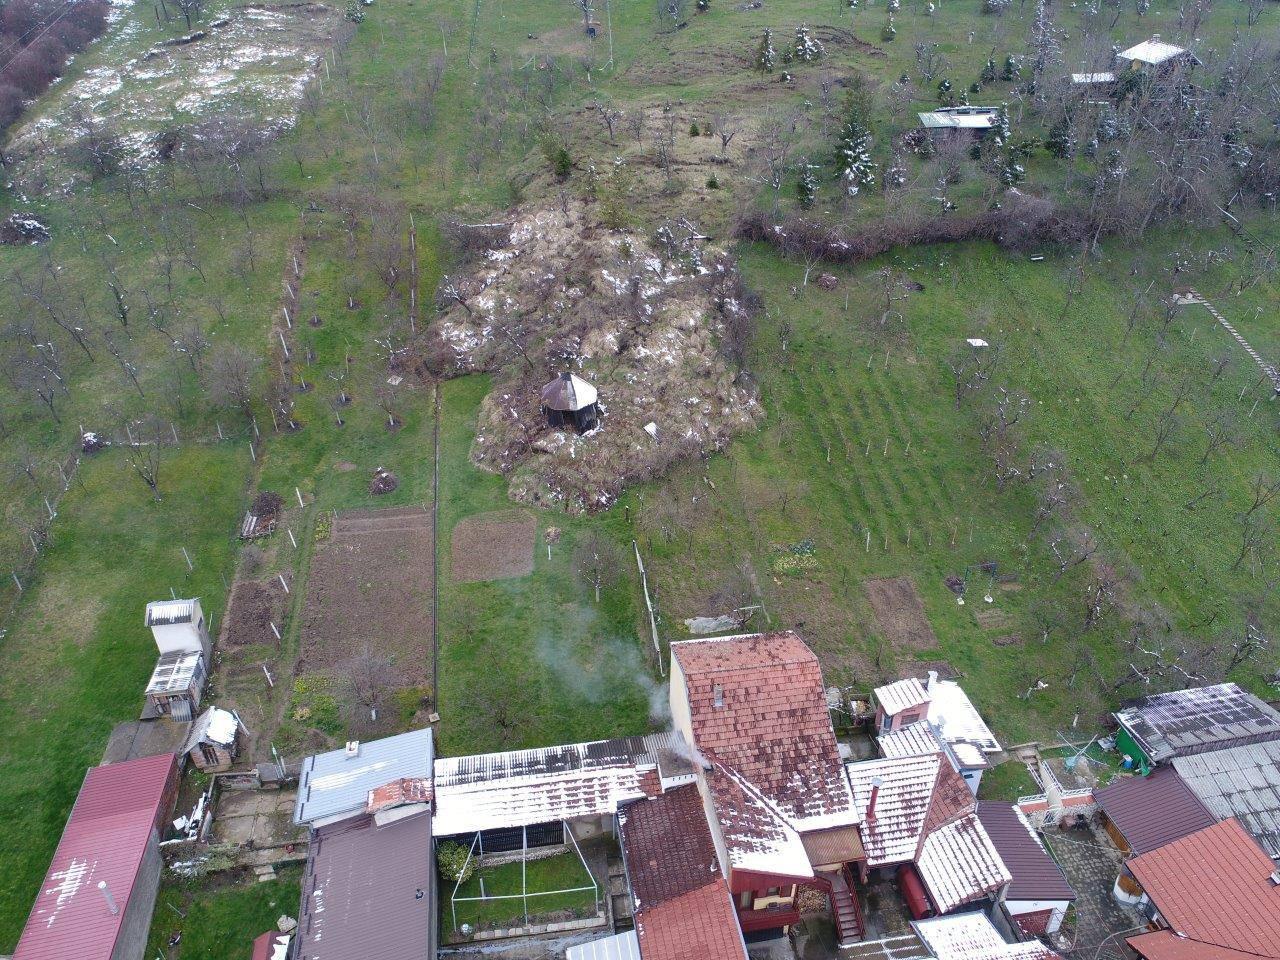 Klizište je uništilo kuću: 'Može krenuti na nas, u strahu smo...'